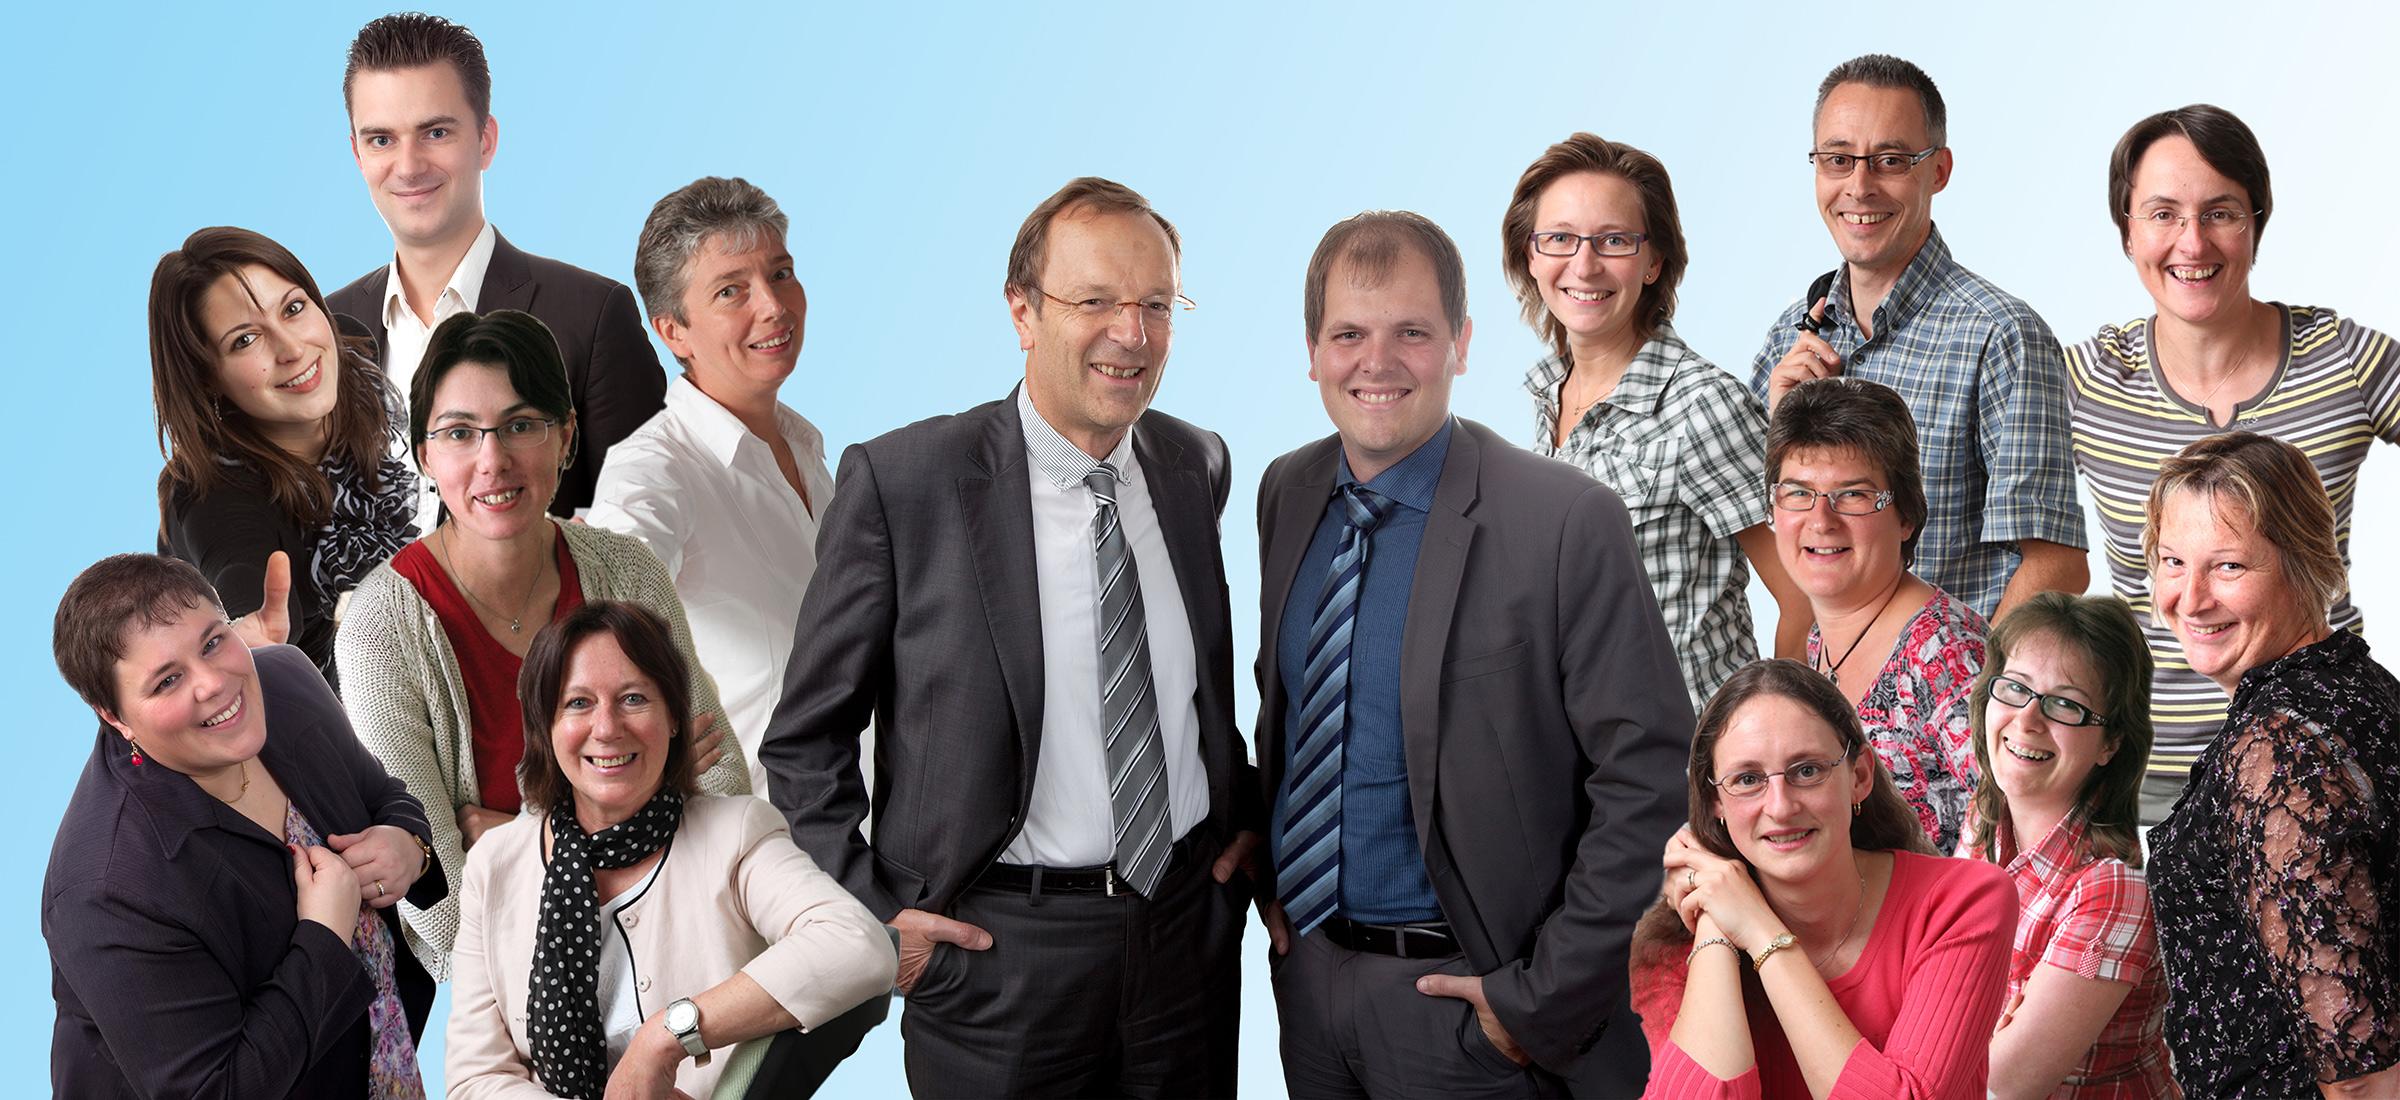 Nos offres d 39 emploi cabinet follet boutin expert comptable aumale blangy sur bresle - Cabinet comptable le havre ...